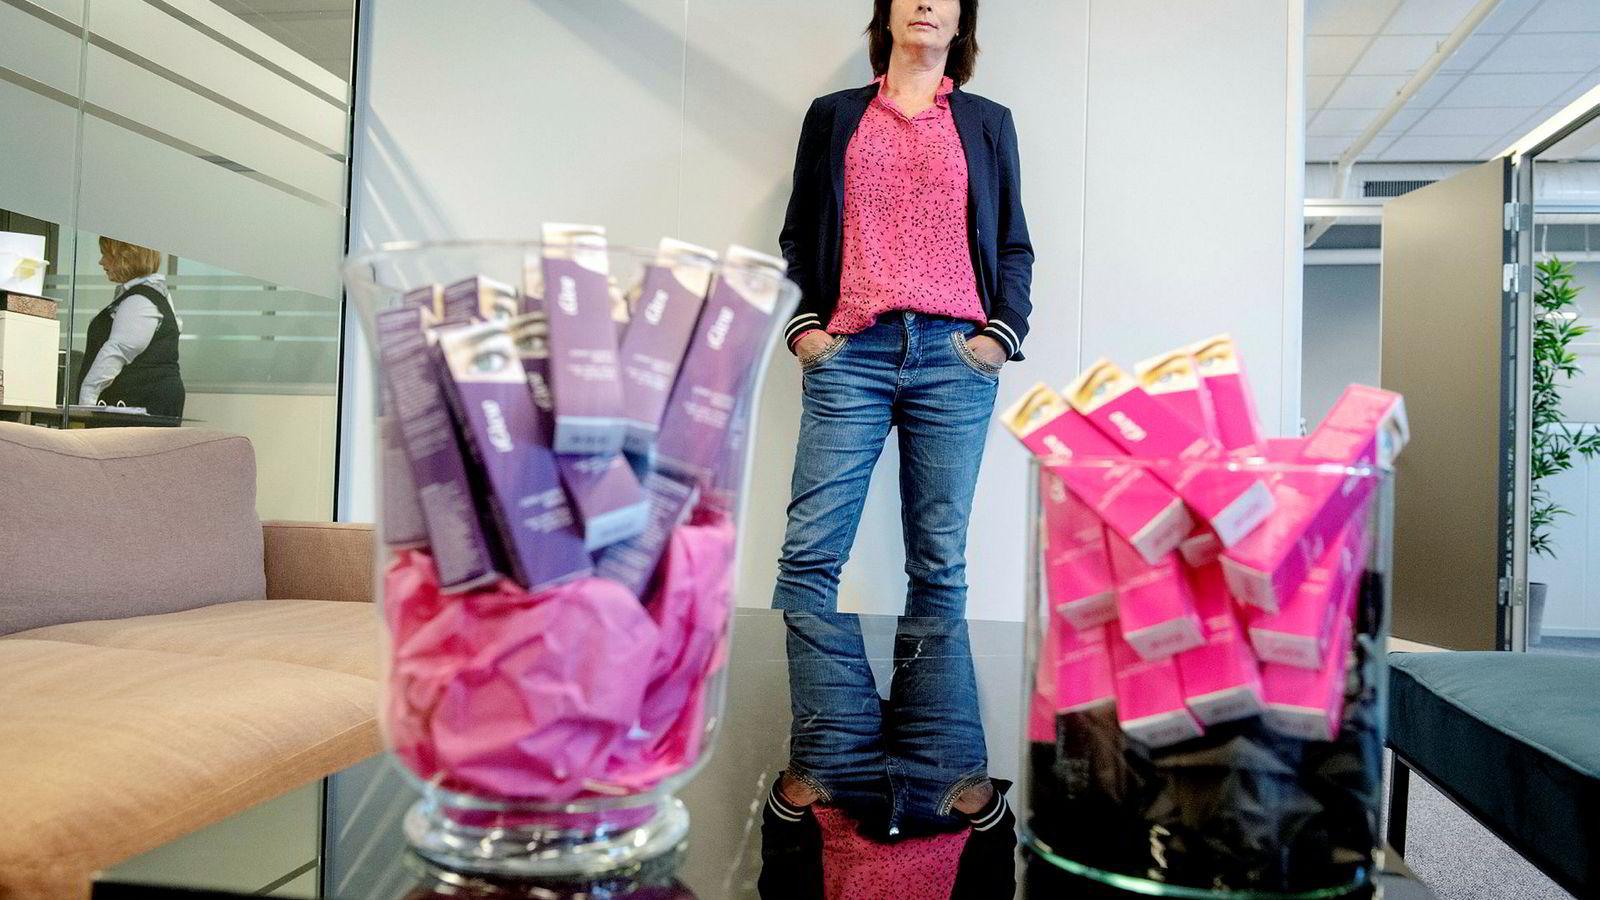 Elin Reed Bratten fant vippeserumet hun ville selge på en messe i utlandet i 2010. Nå er bedriften hennes Iglow blitt en millionsuksess.